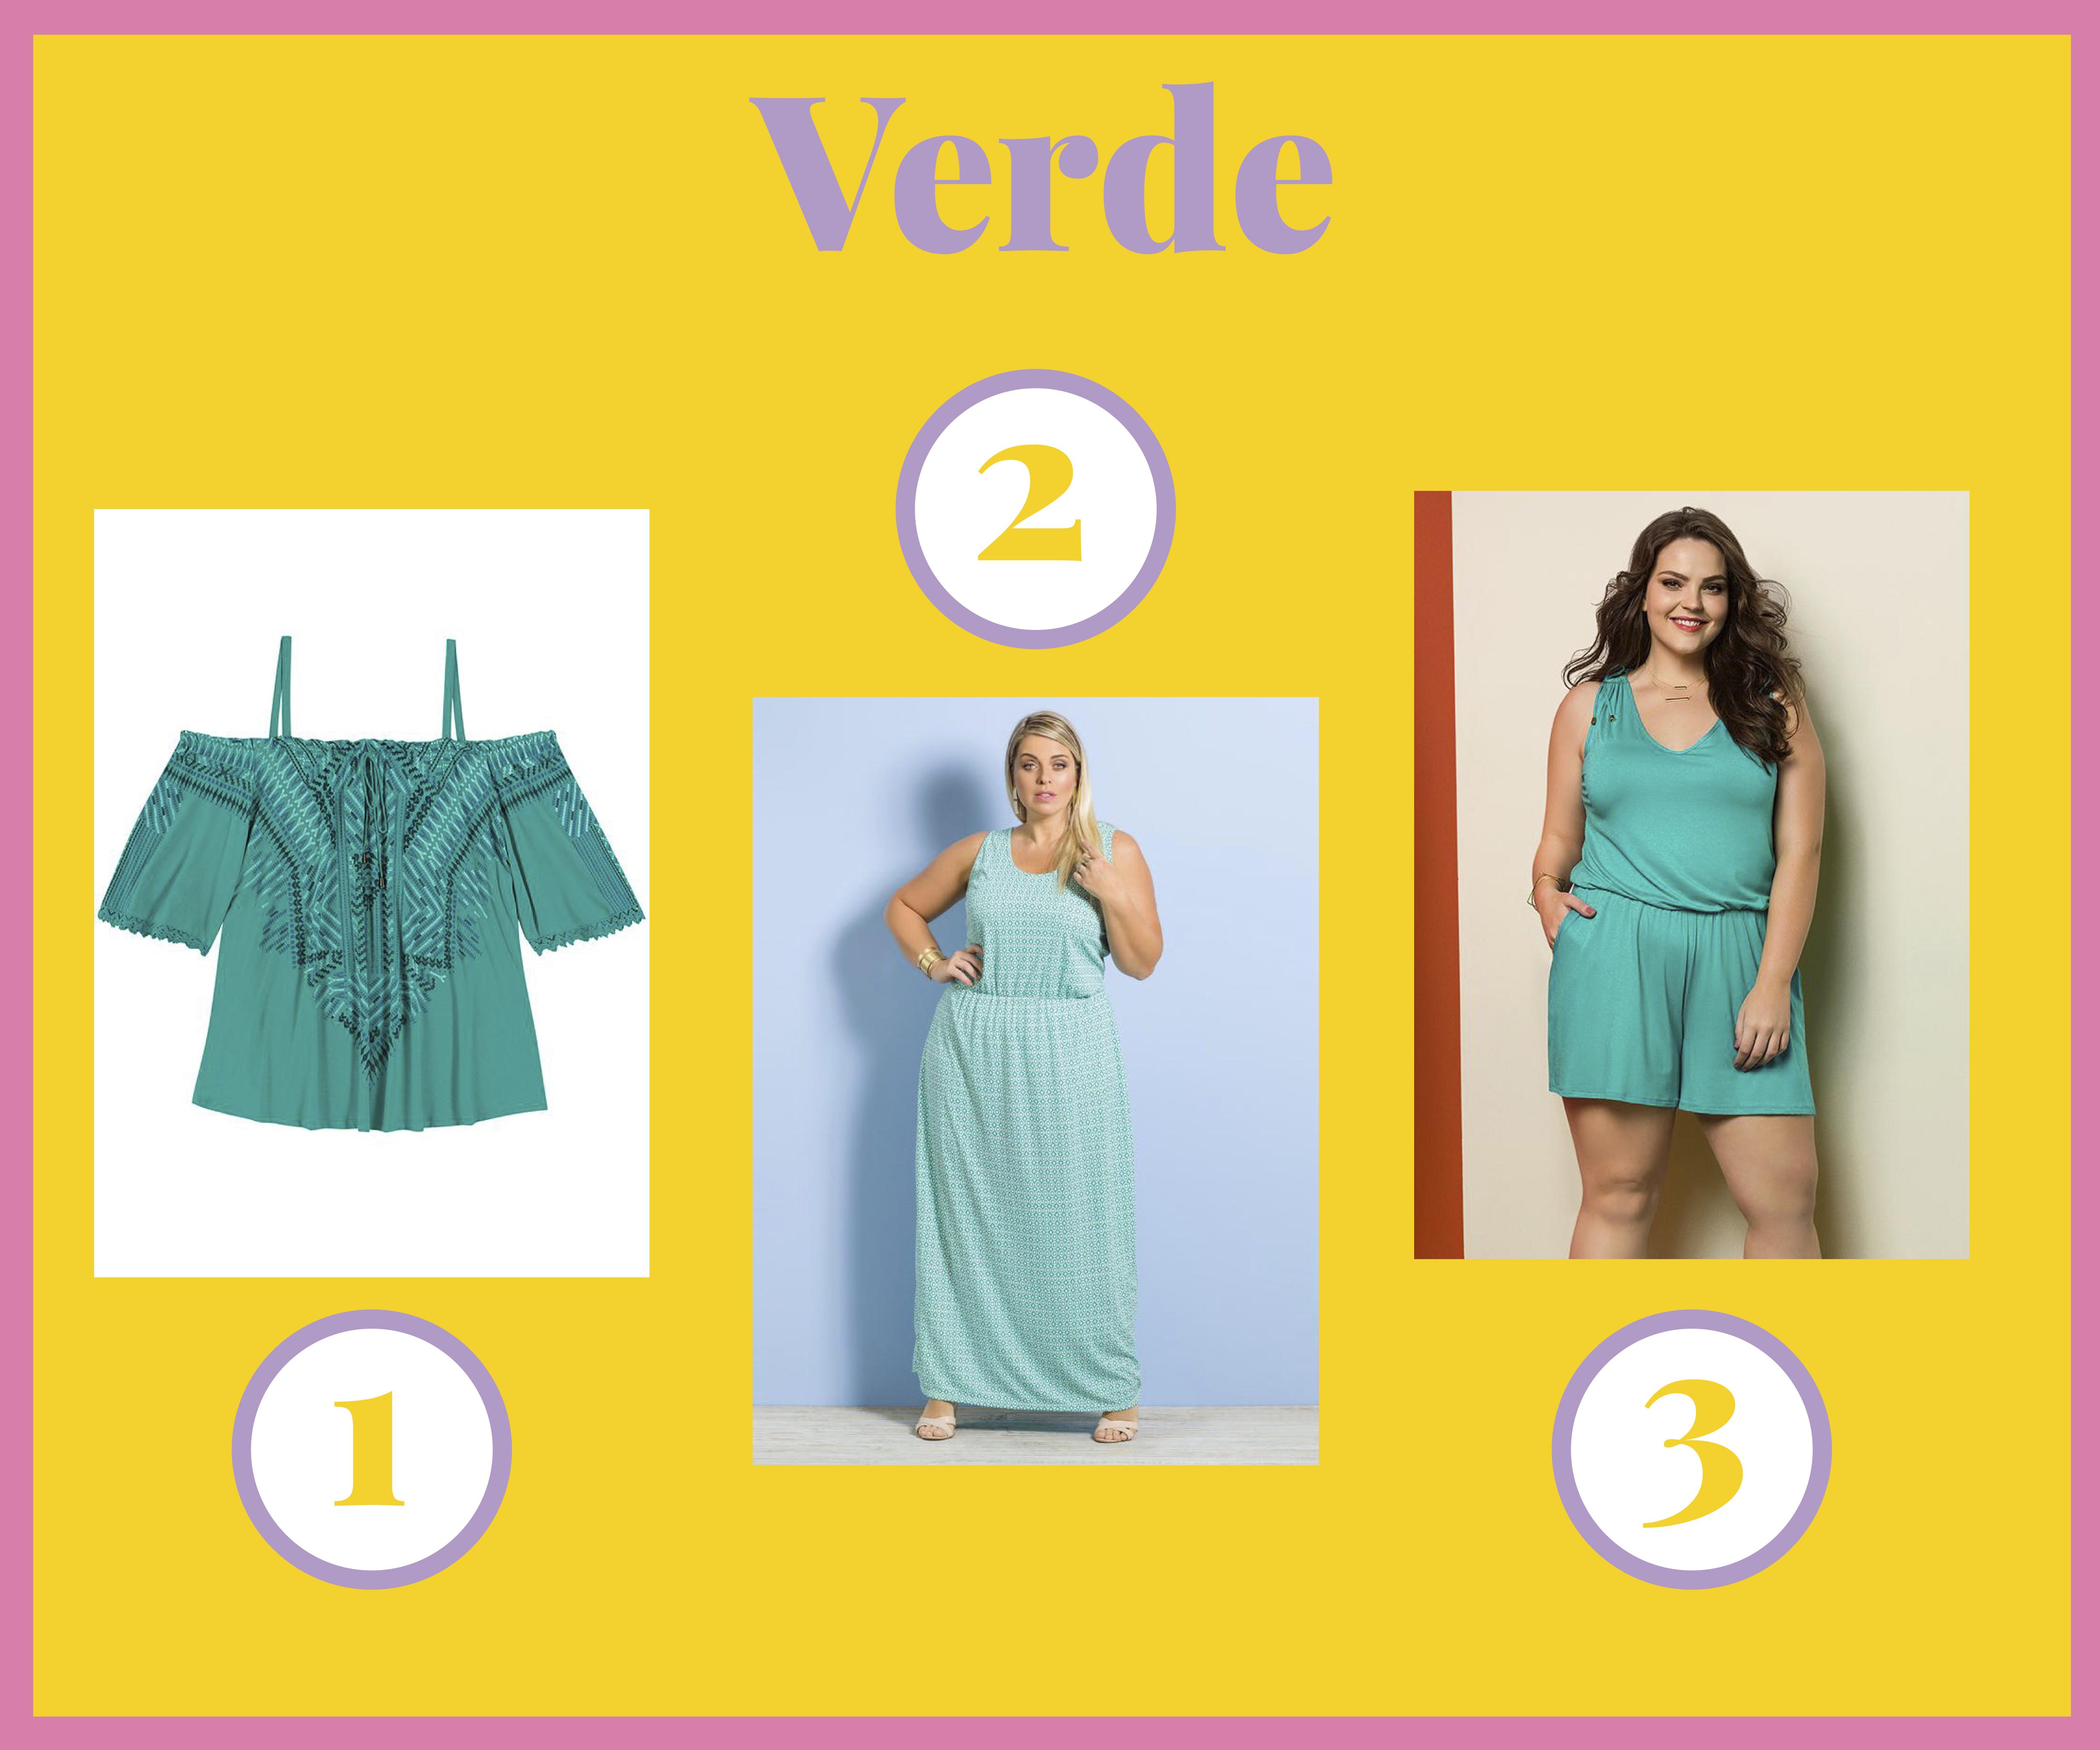 f39e15e1bb 1- Blusa Cigana de Malha Plus Size Verde Lisamour 2- Vestido Longo  Marguerite Estampa Gravataria 3- Macacão Feminino Verde Wee